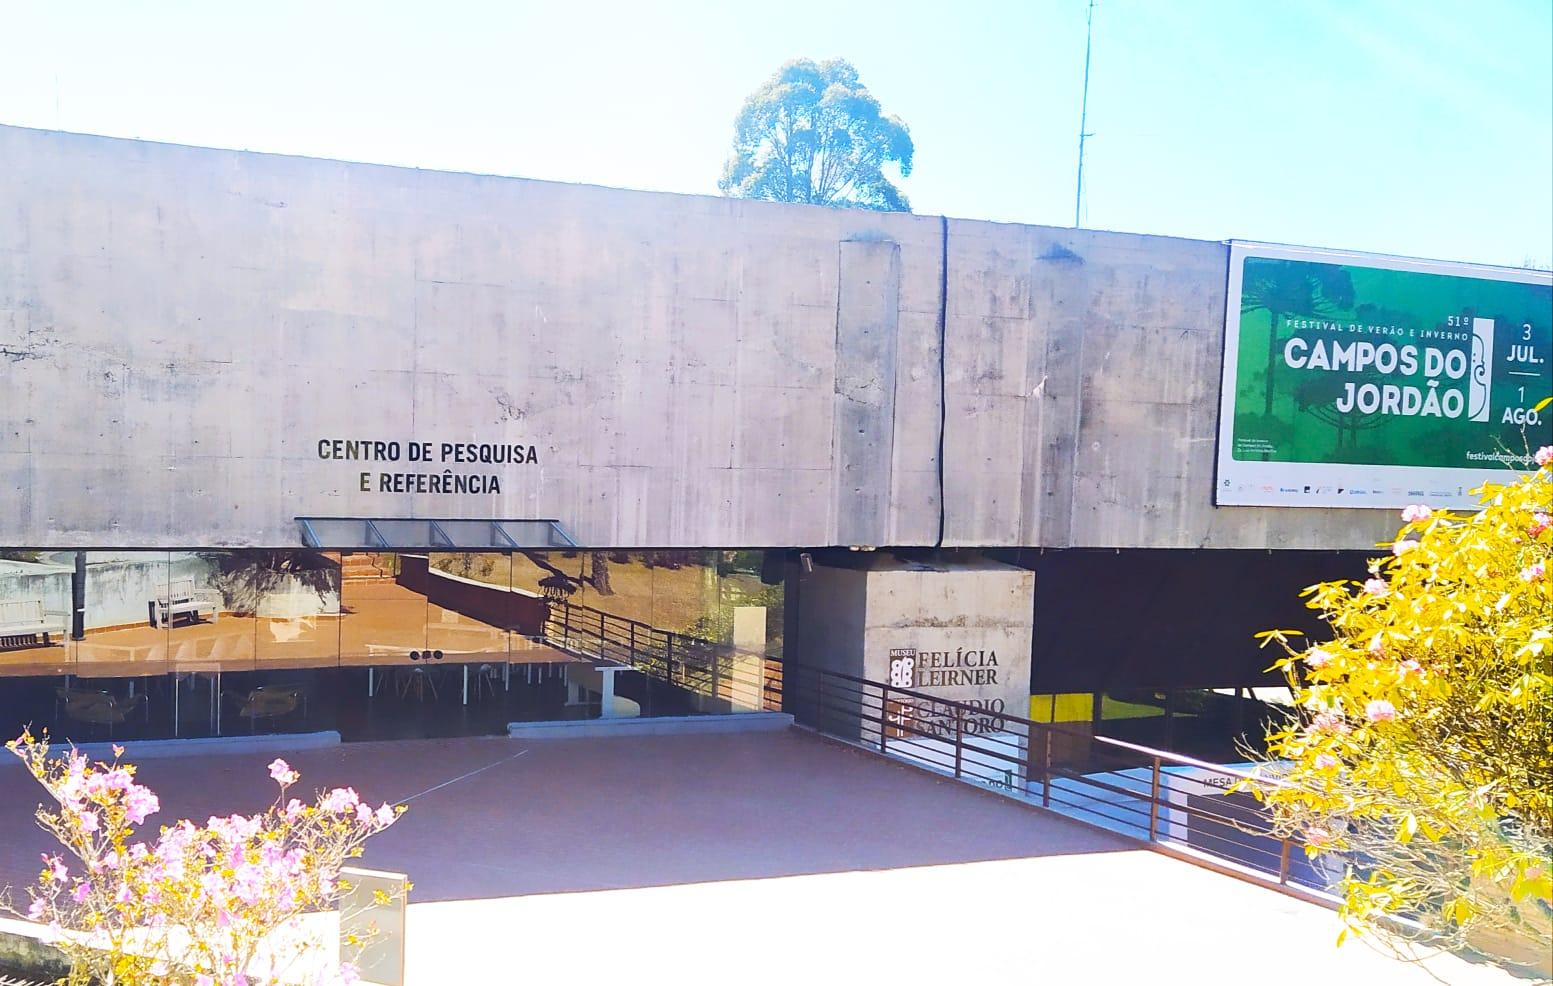 A imagem mostra a entrada do Centro de Pesquisa e Referência que contém uma arquitetura robusta com uma fachada em vidro.